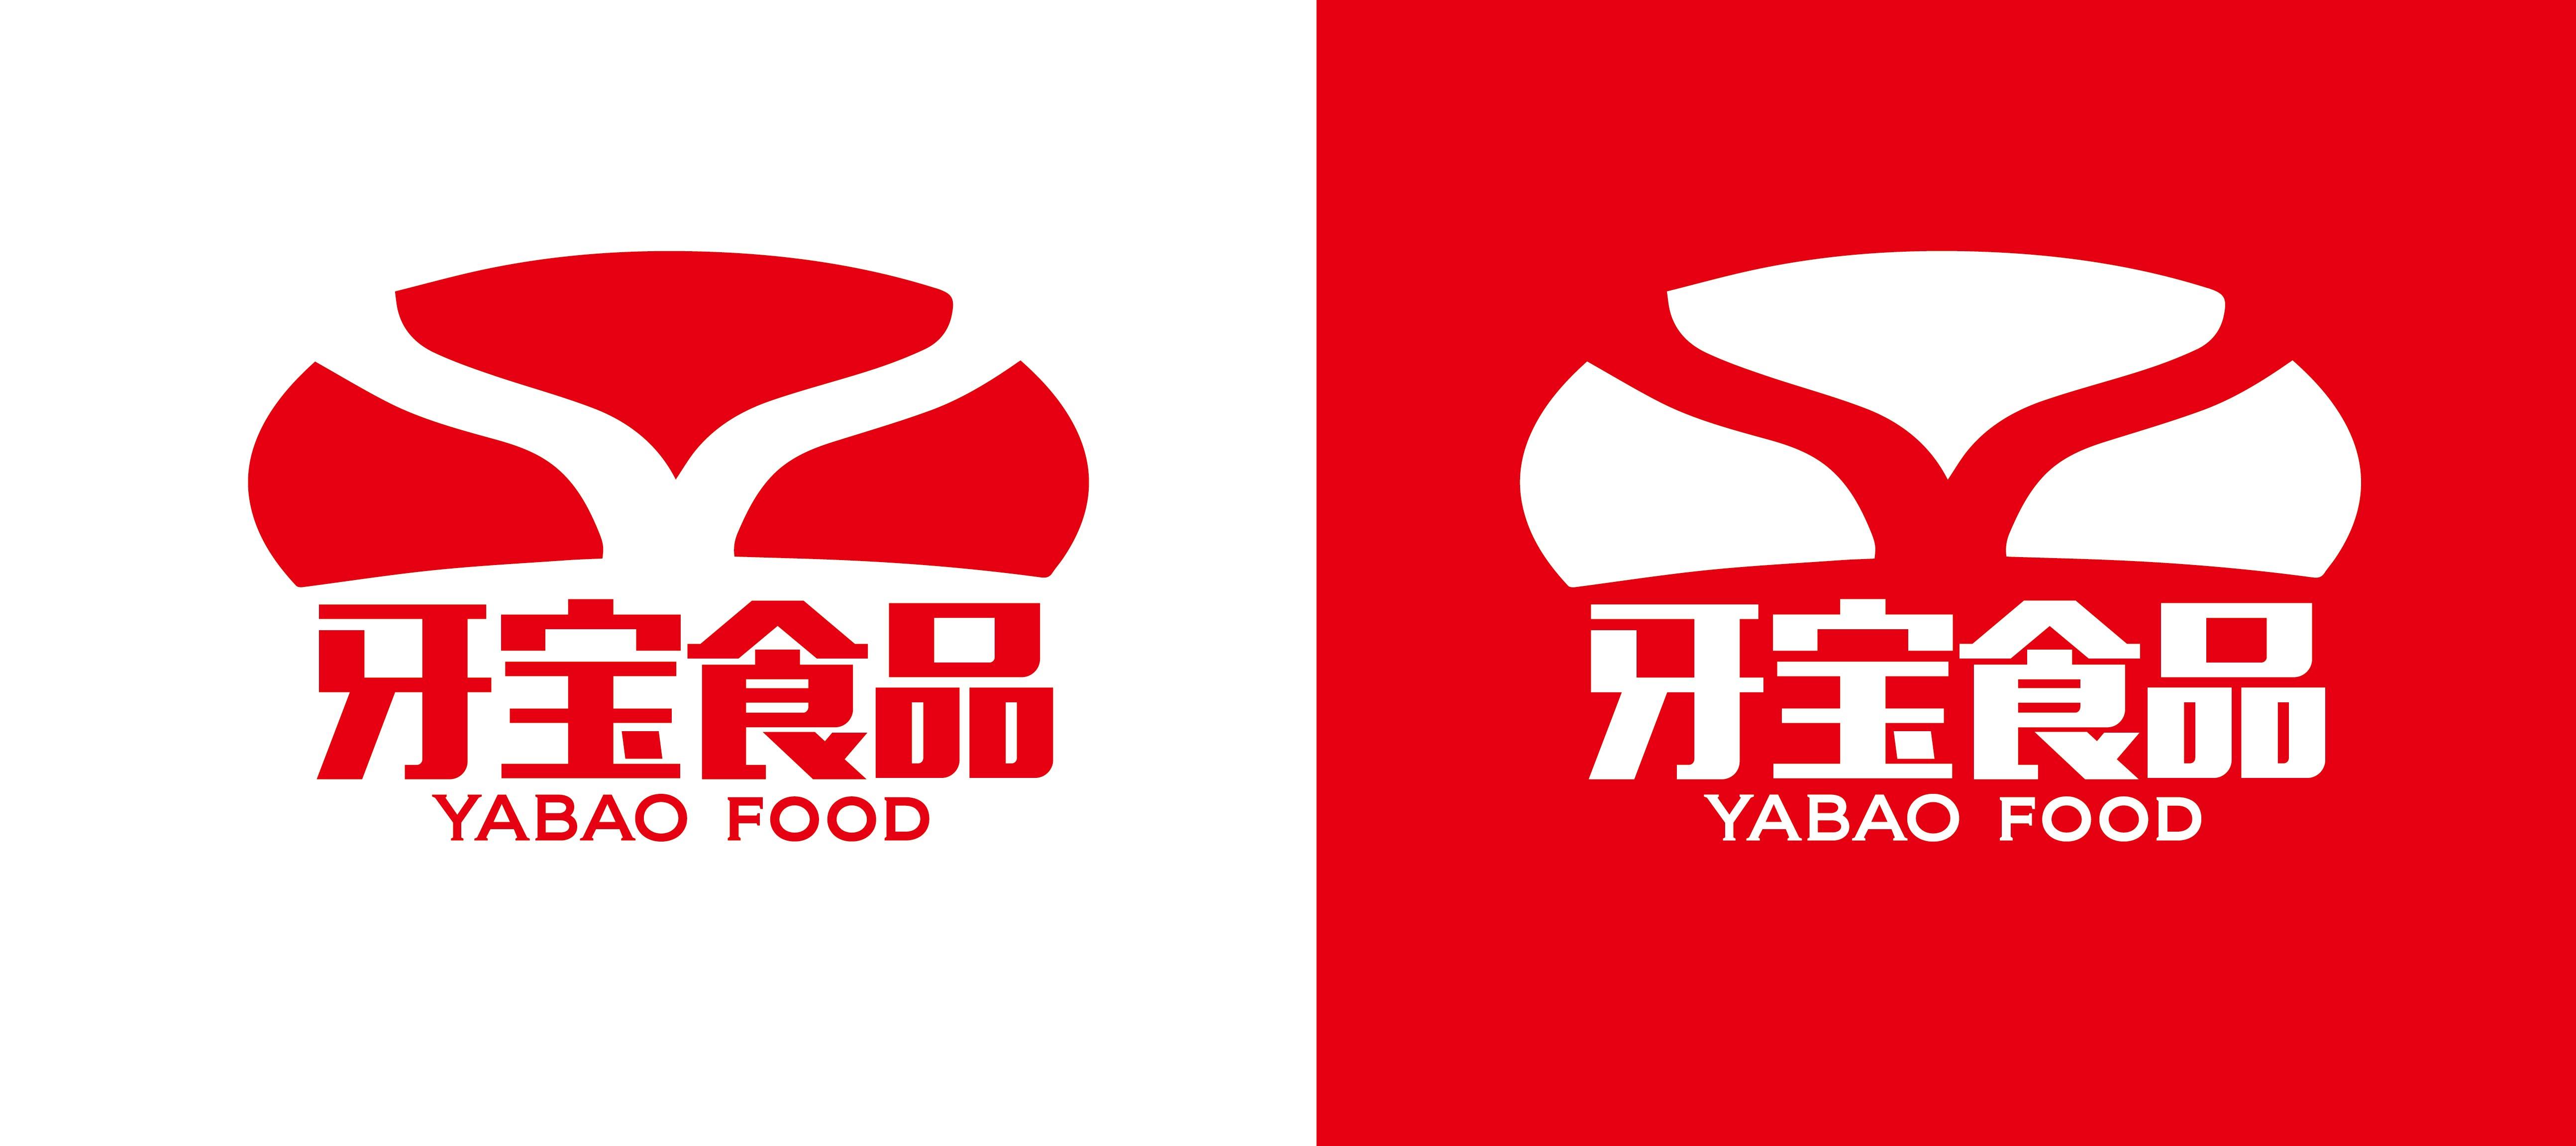 牙宝食品logo设计_一品威客网logo设计任务#360287